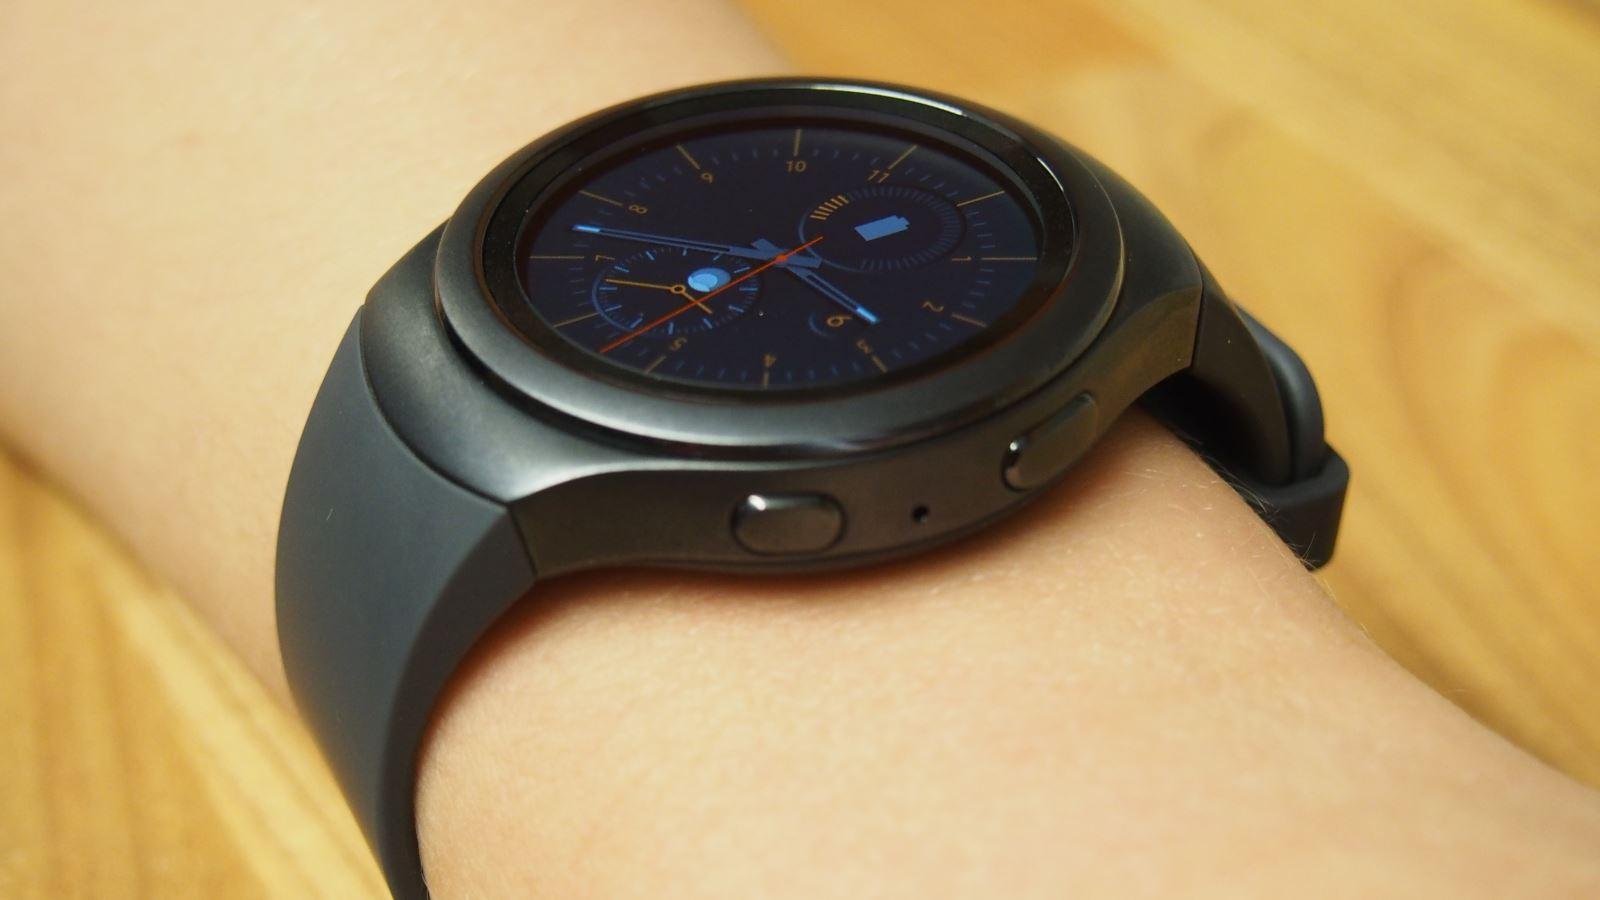 Đồng hồ đeo tay thông minh là gì?